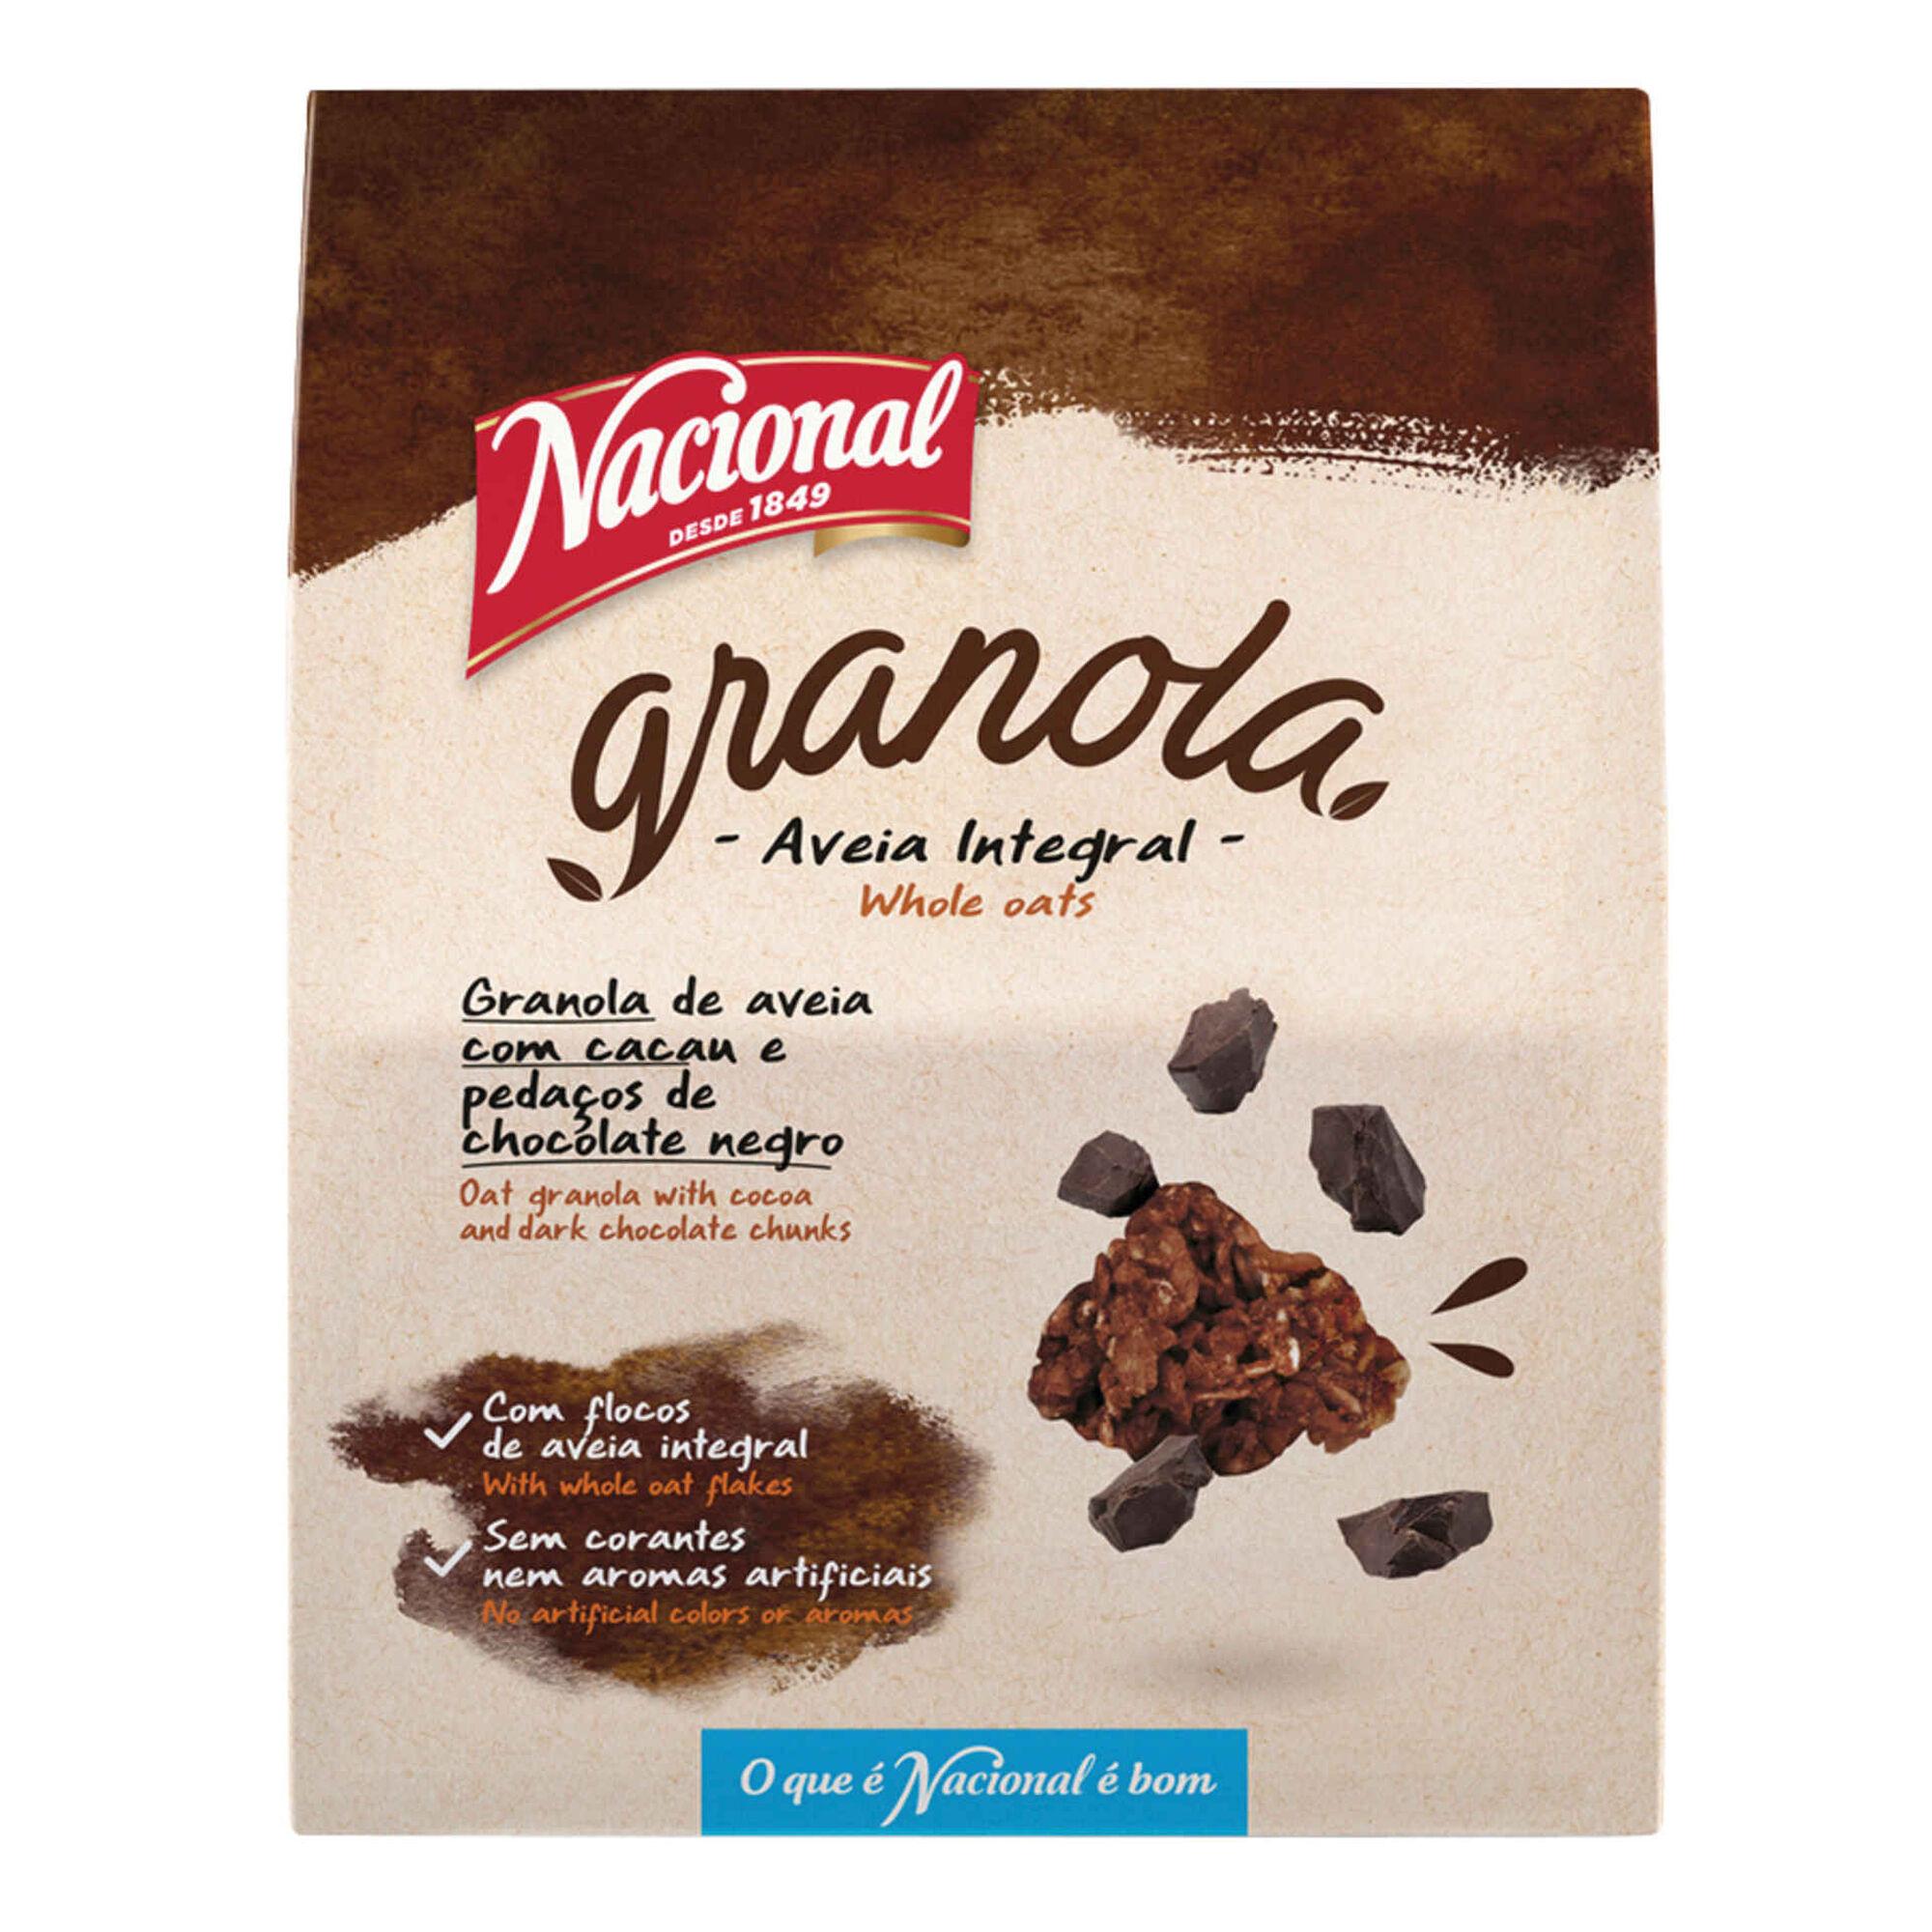 Granola de Aveia Integral com Cacau e Chocolate Negro